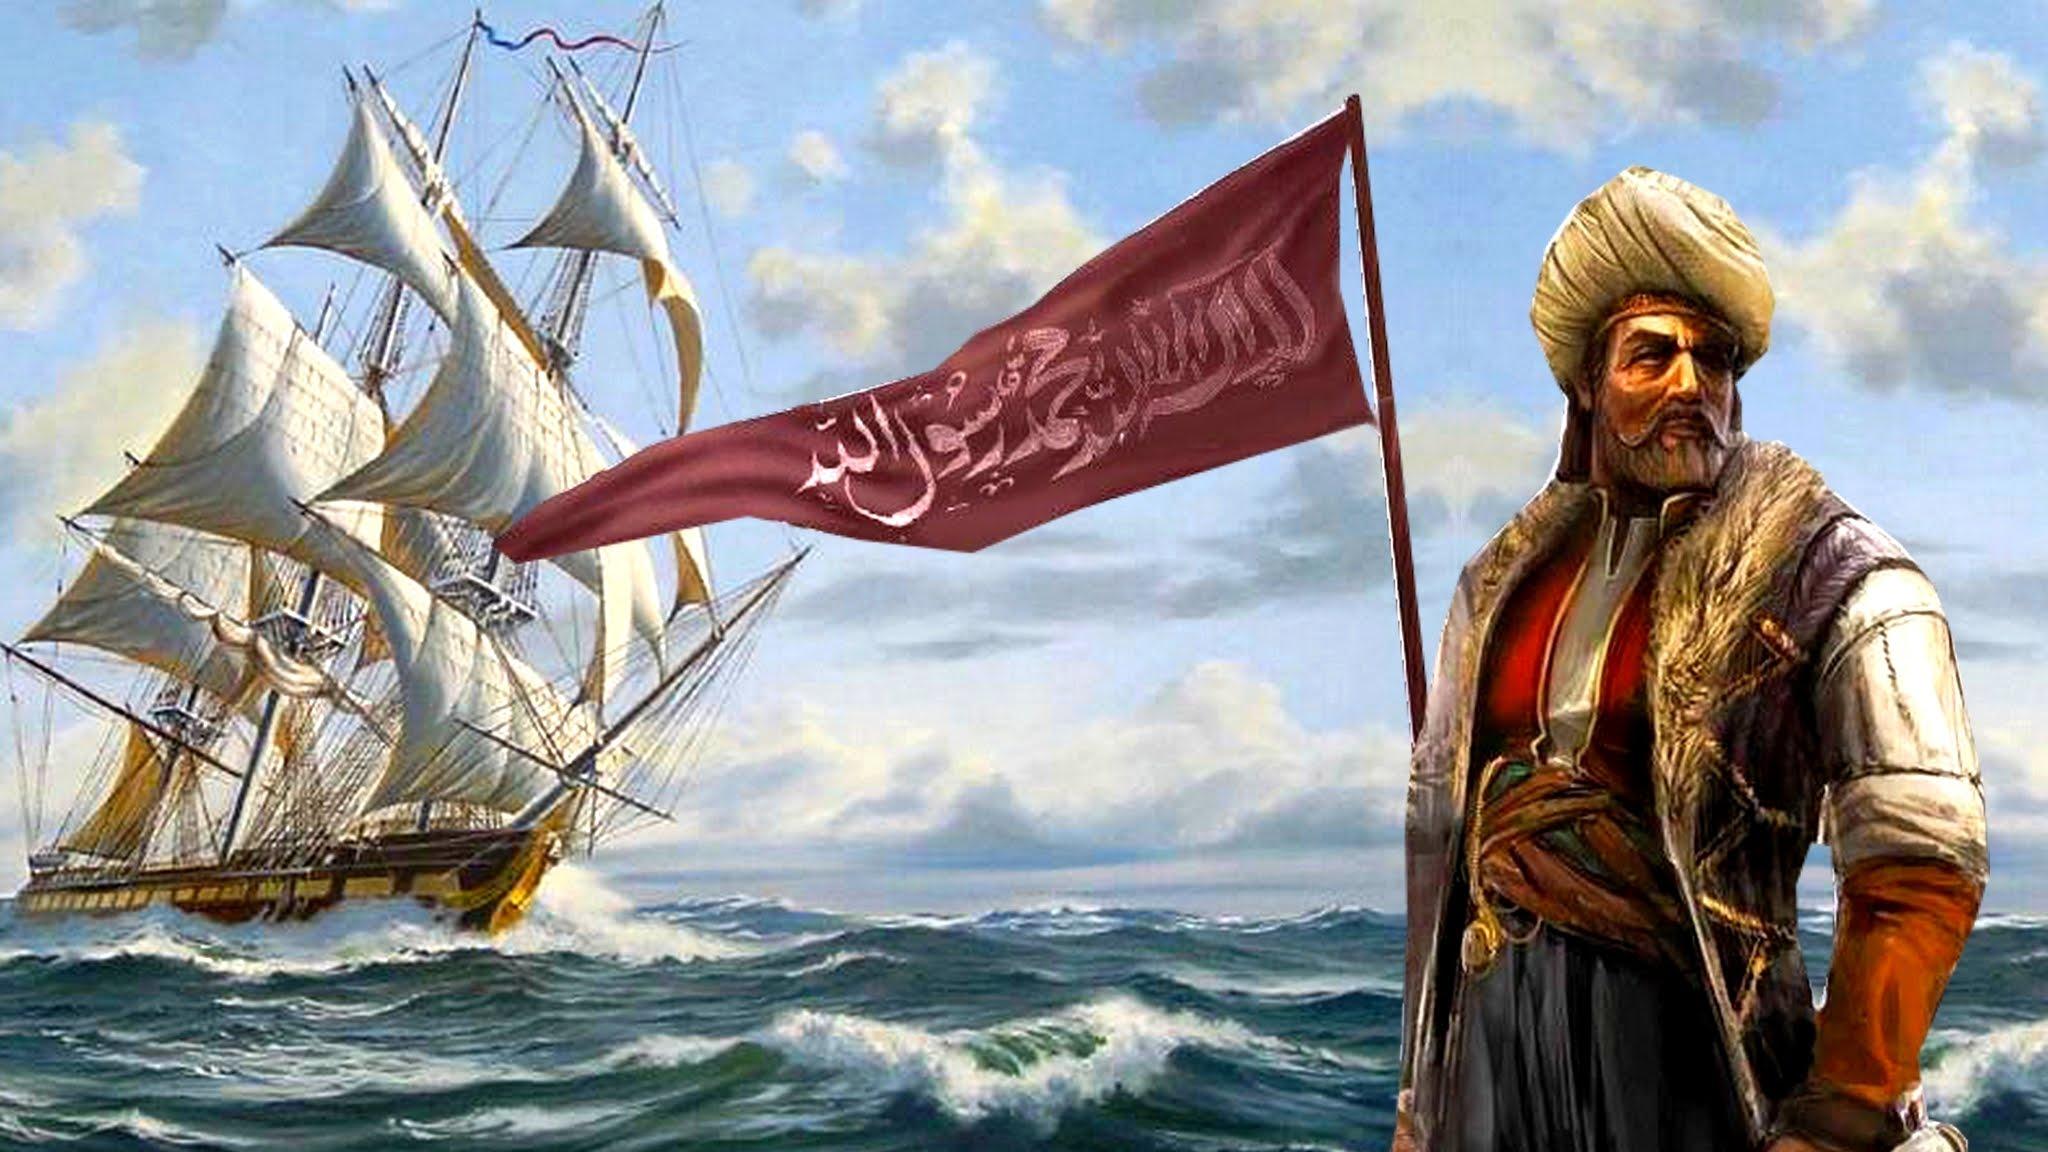 من هو إمبراطور البحار؟ القصة الكاملة عن مرعب ملوك أوروبا خير الدين بربروس